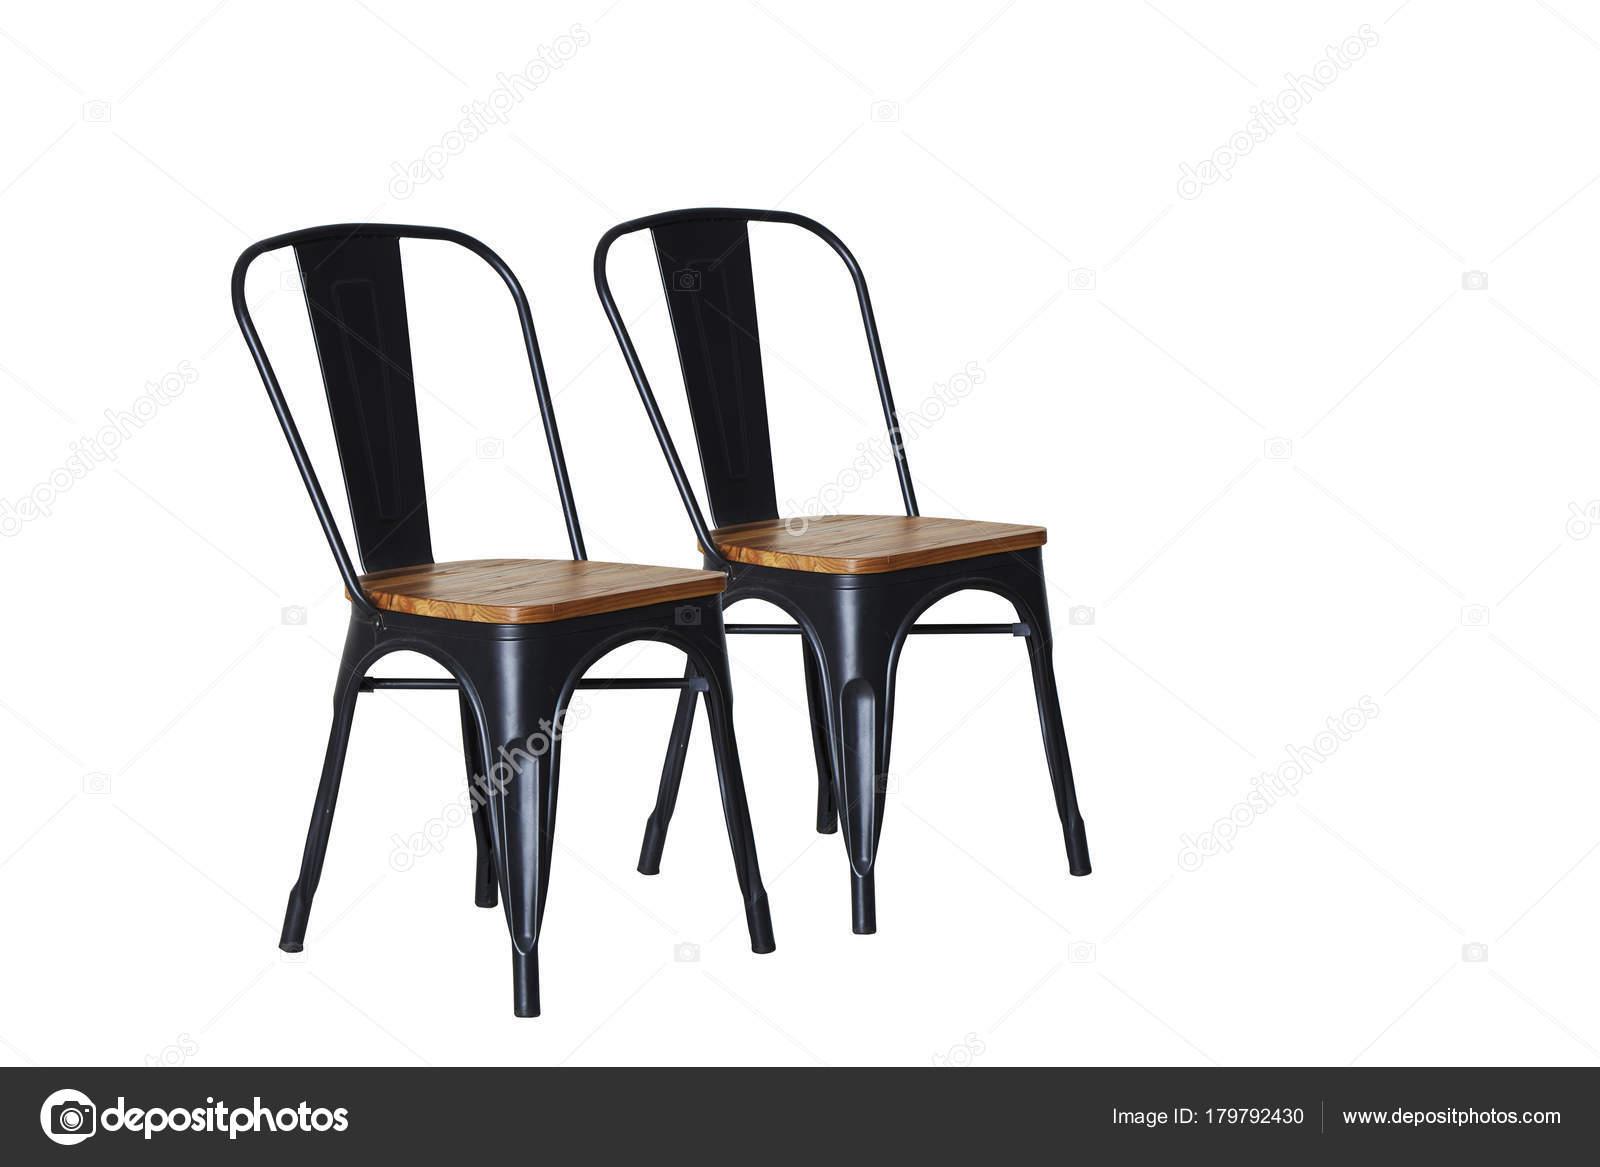 Mit Auf Stuhl Holz Aus Hellem Hintergrund Stahl Weißem PkTOiZuX